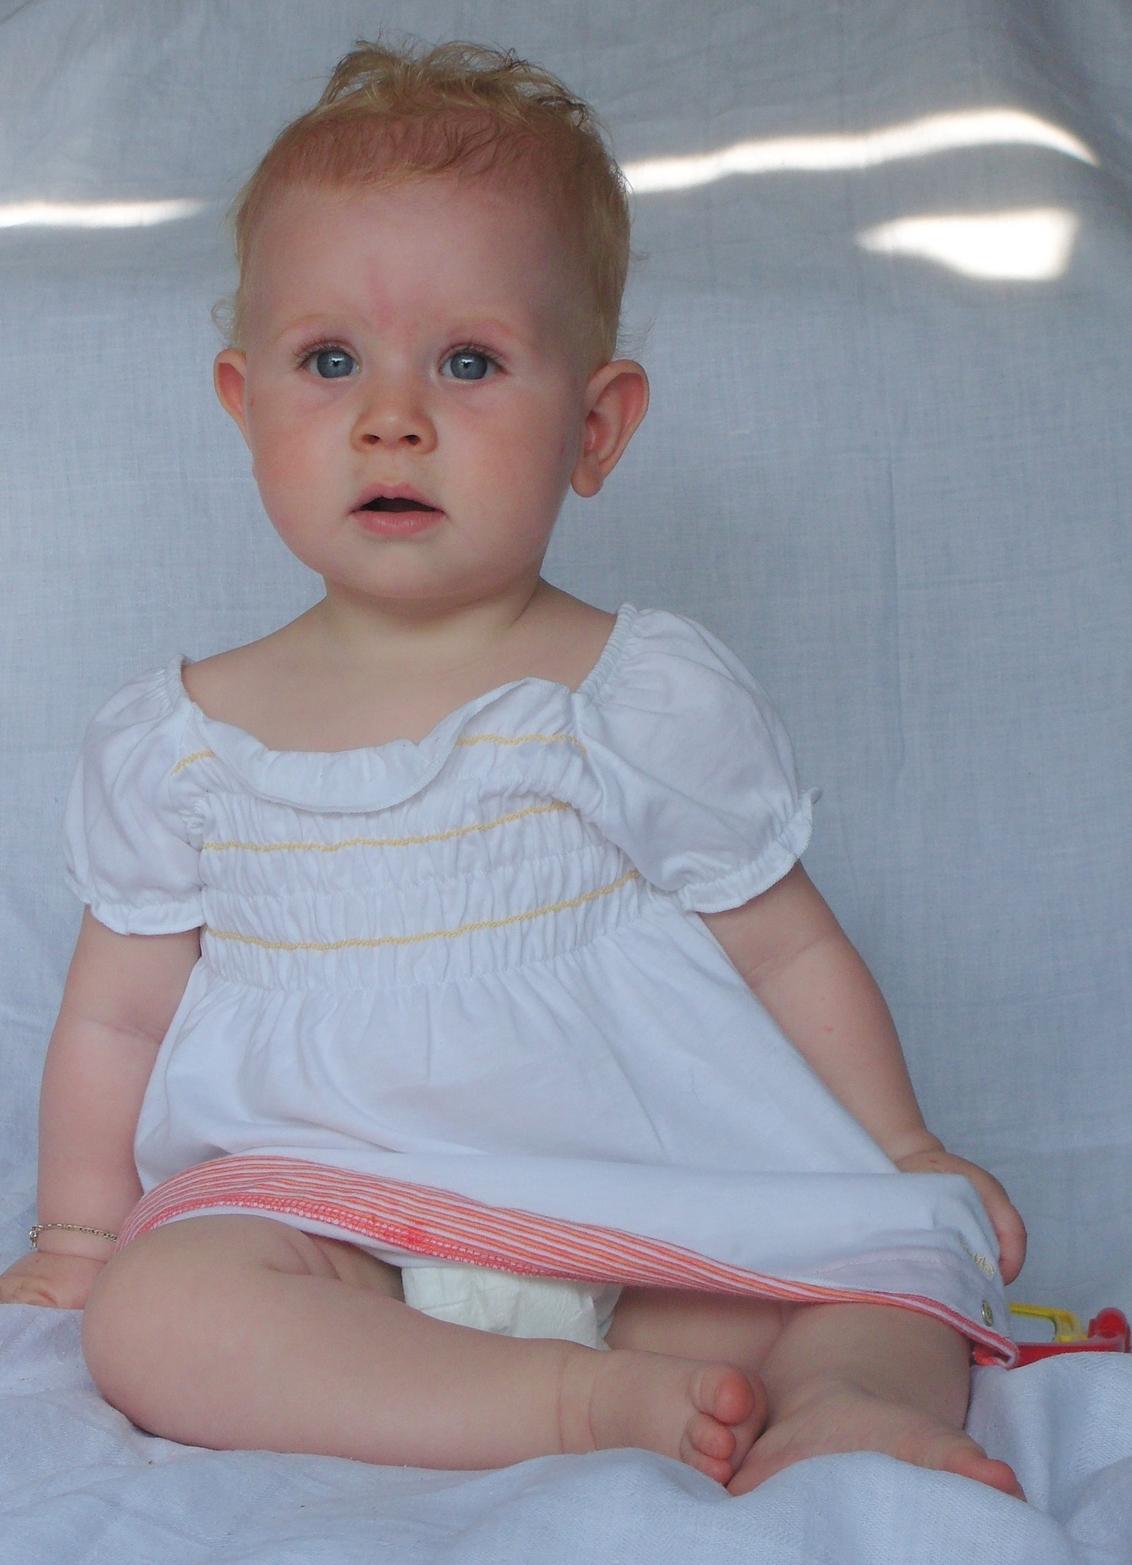 Prinses - Foto's maken is ze al helemaal gewend, haha. - foto door mariah1982 op 03-07-2010 - deze foto bevat: baby 9 maanden